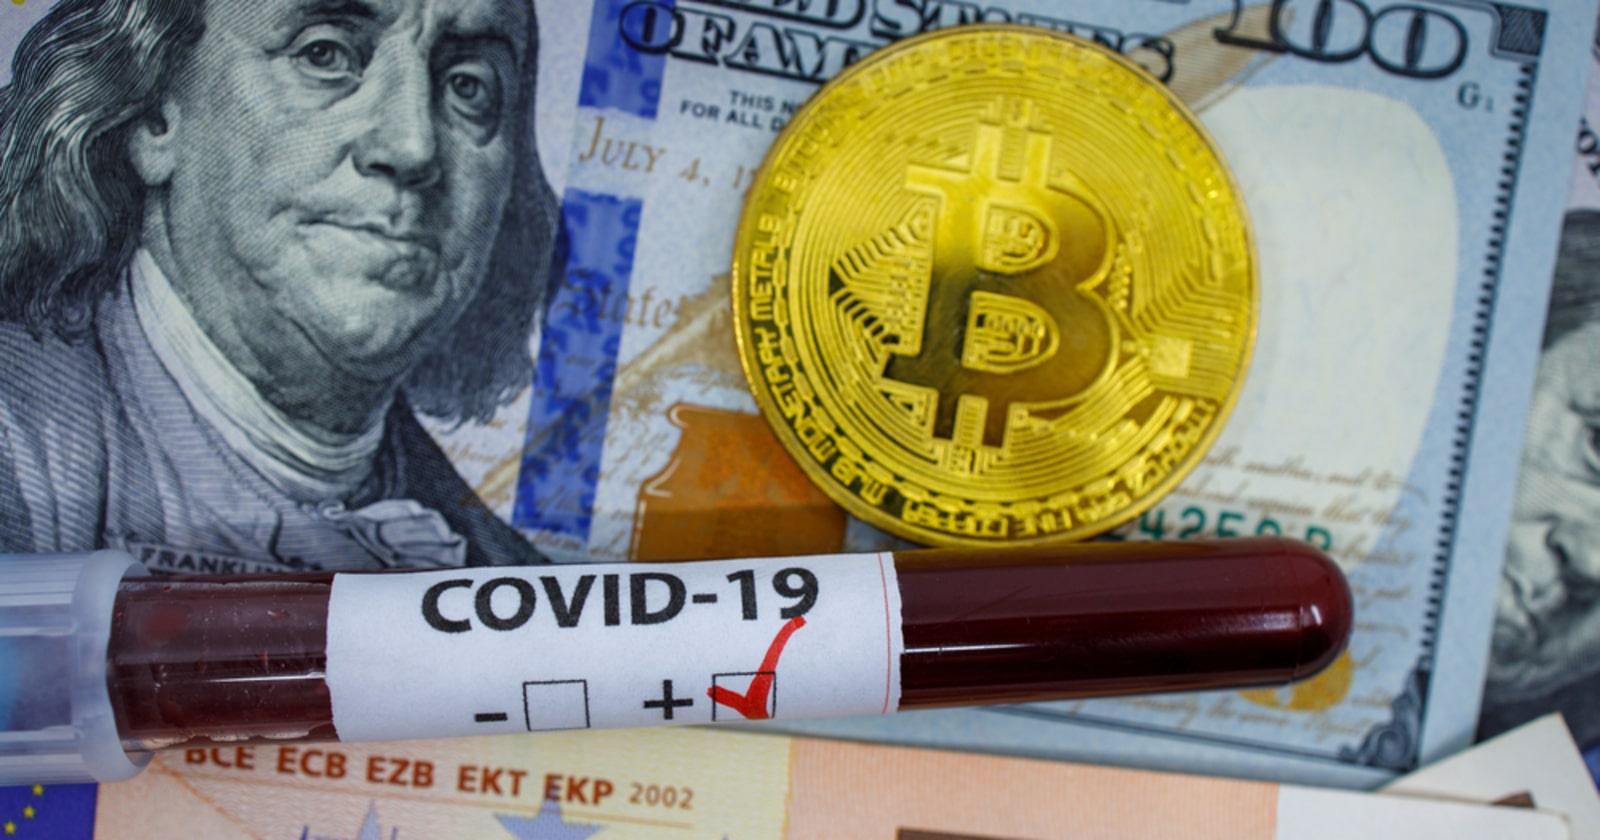 Bitcoin Price and the COVID-19 Pfizer Vaccine